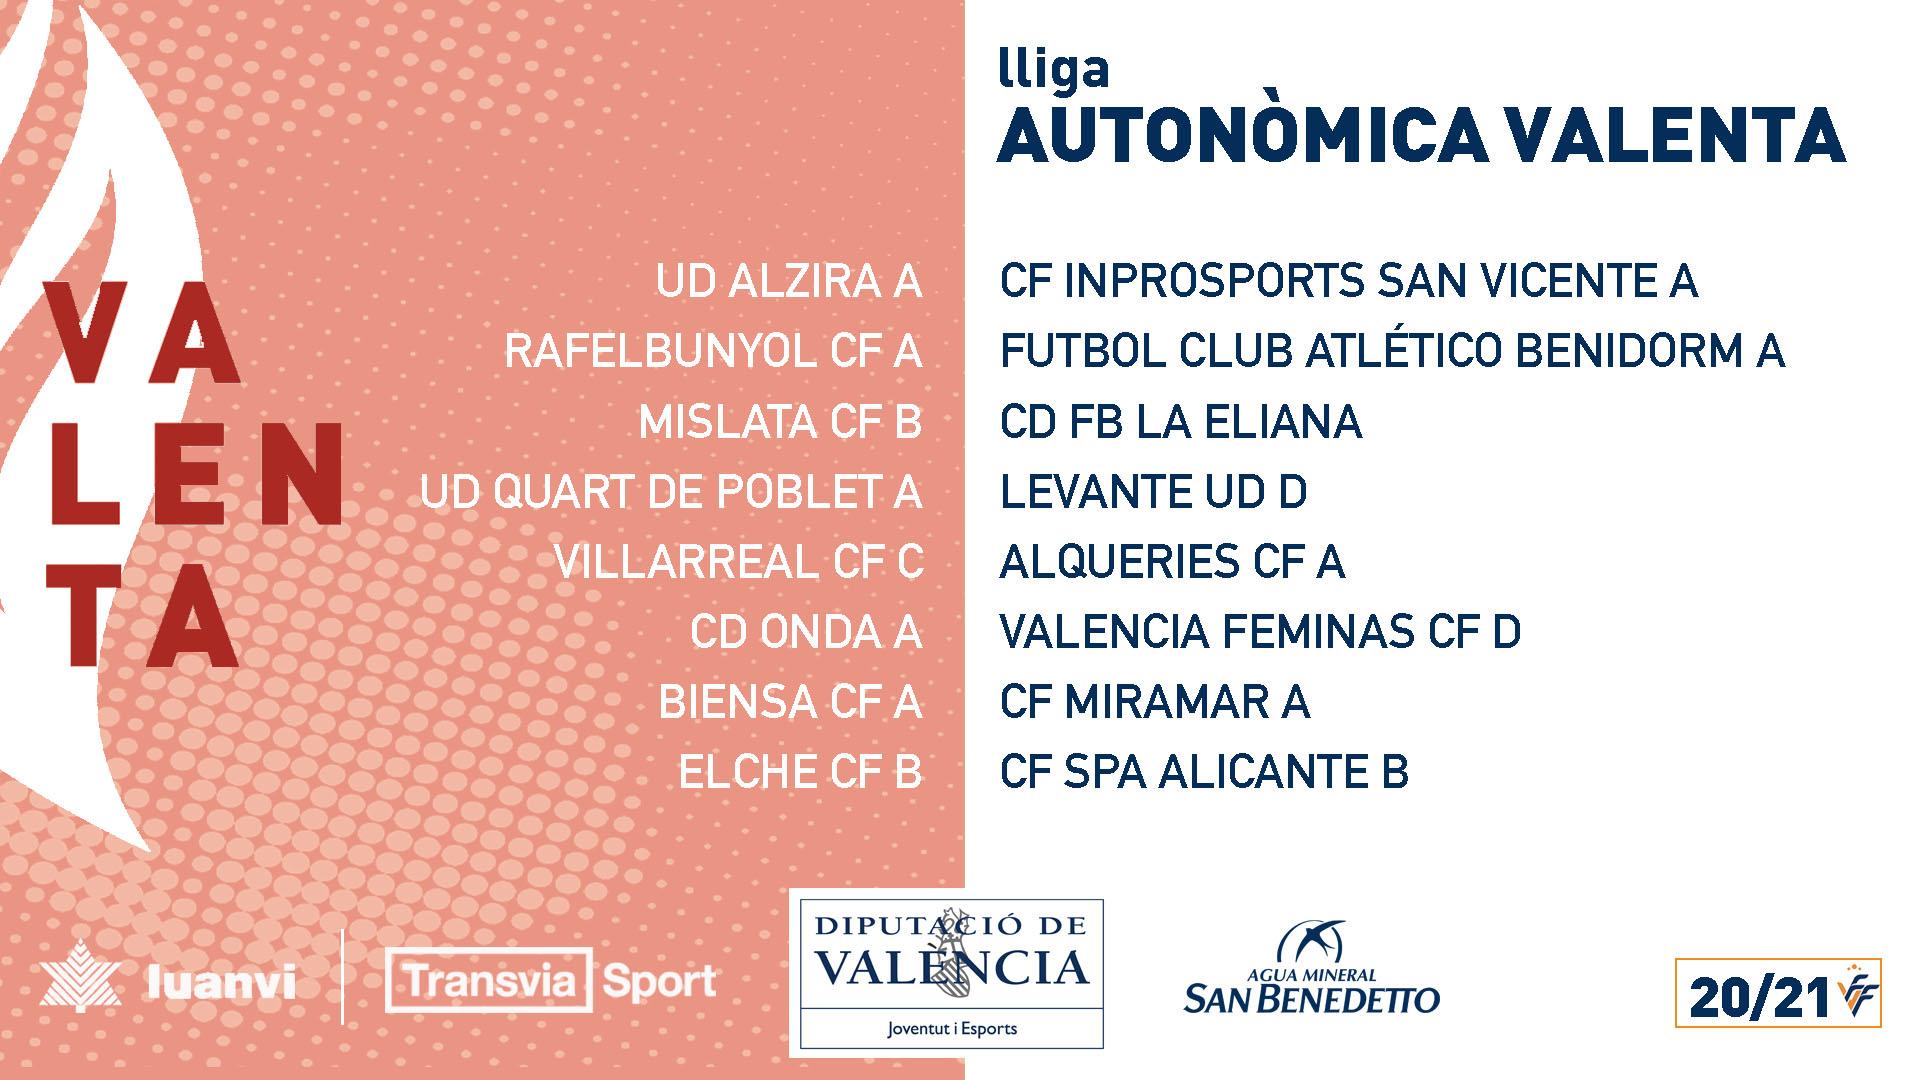 Liga Autonómica Valenta 20/21 20-21